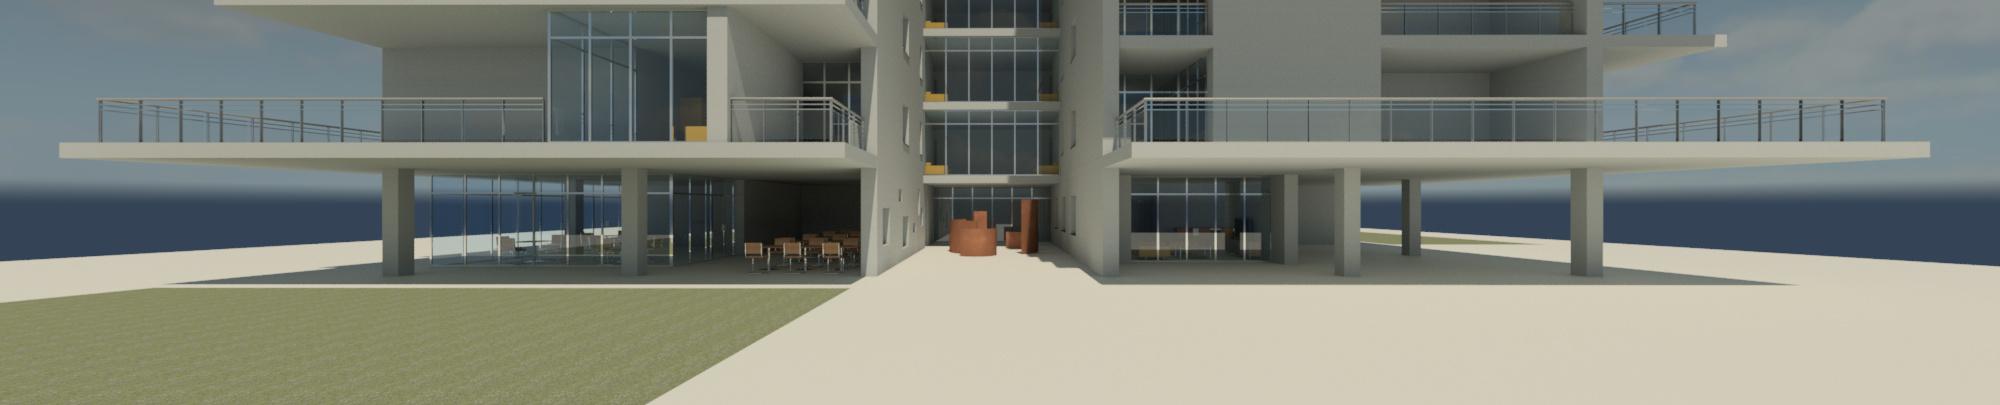 Raas-rendering20150323-22022-71v7kf